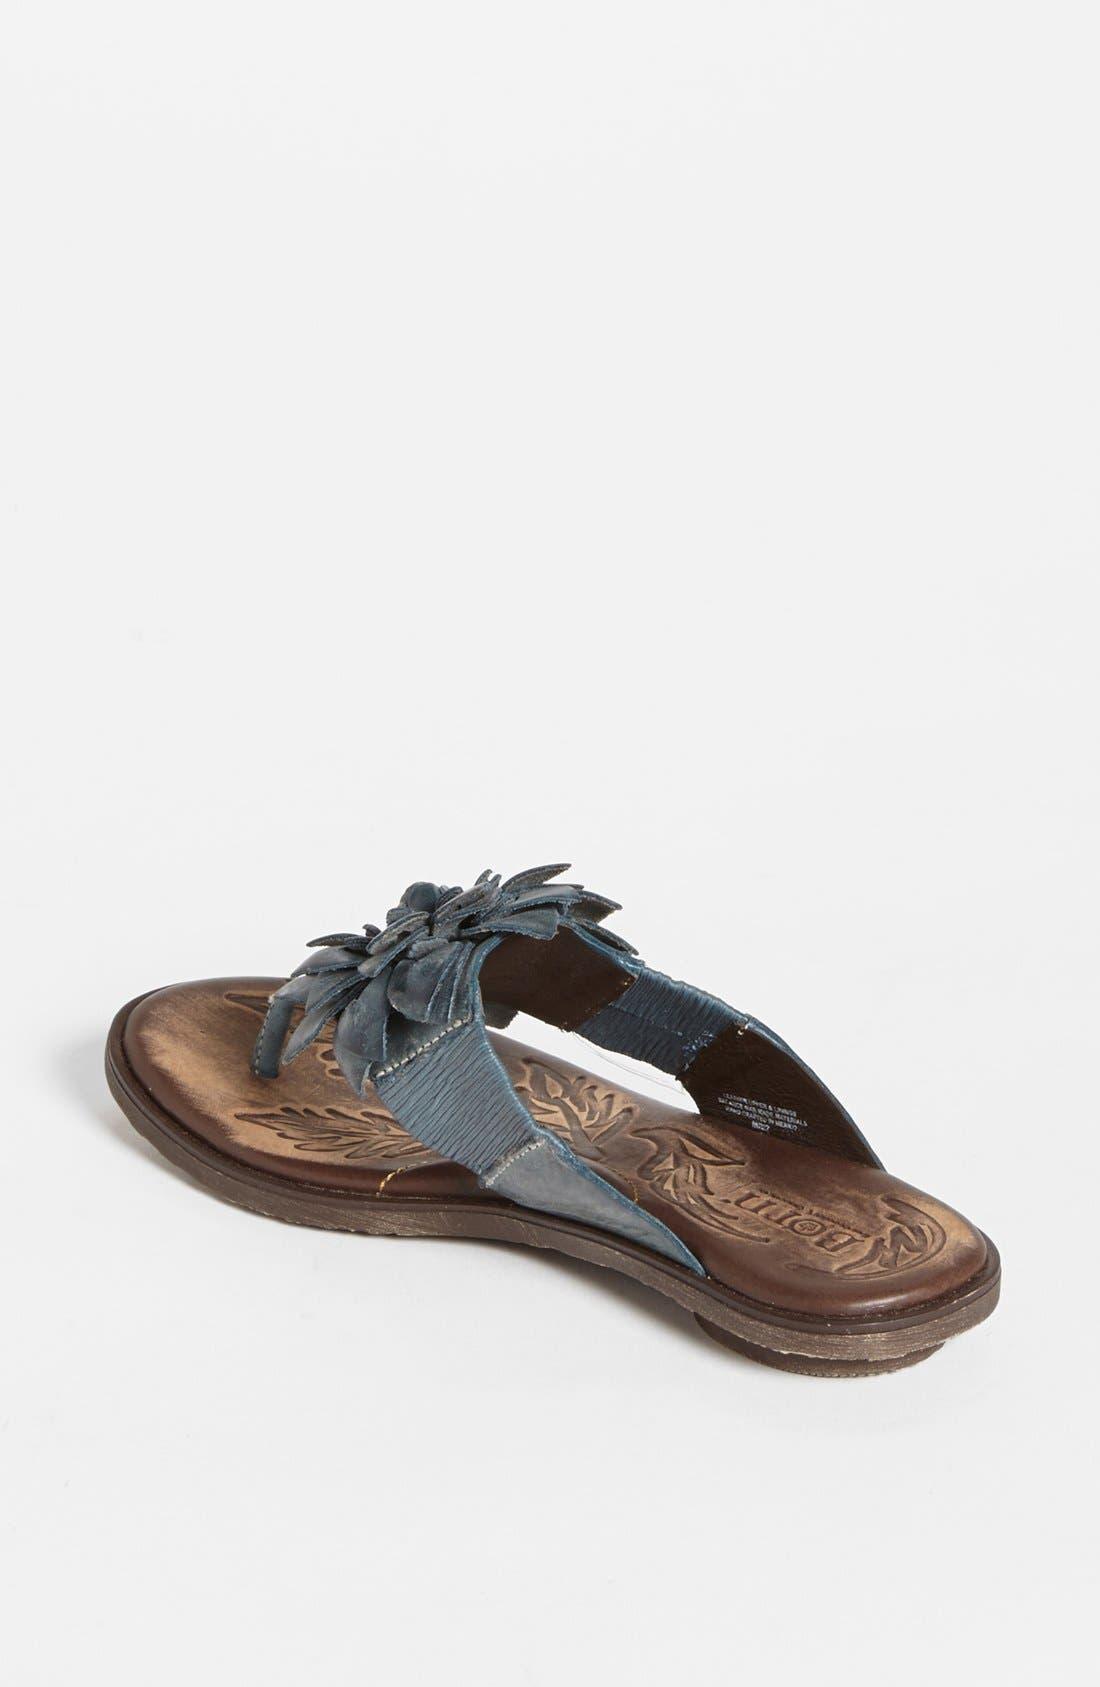 Alternate Image 2  - Børn 'Astrid' Sandal (Special Purchase)